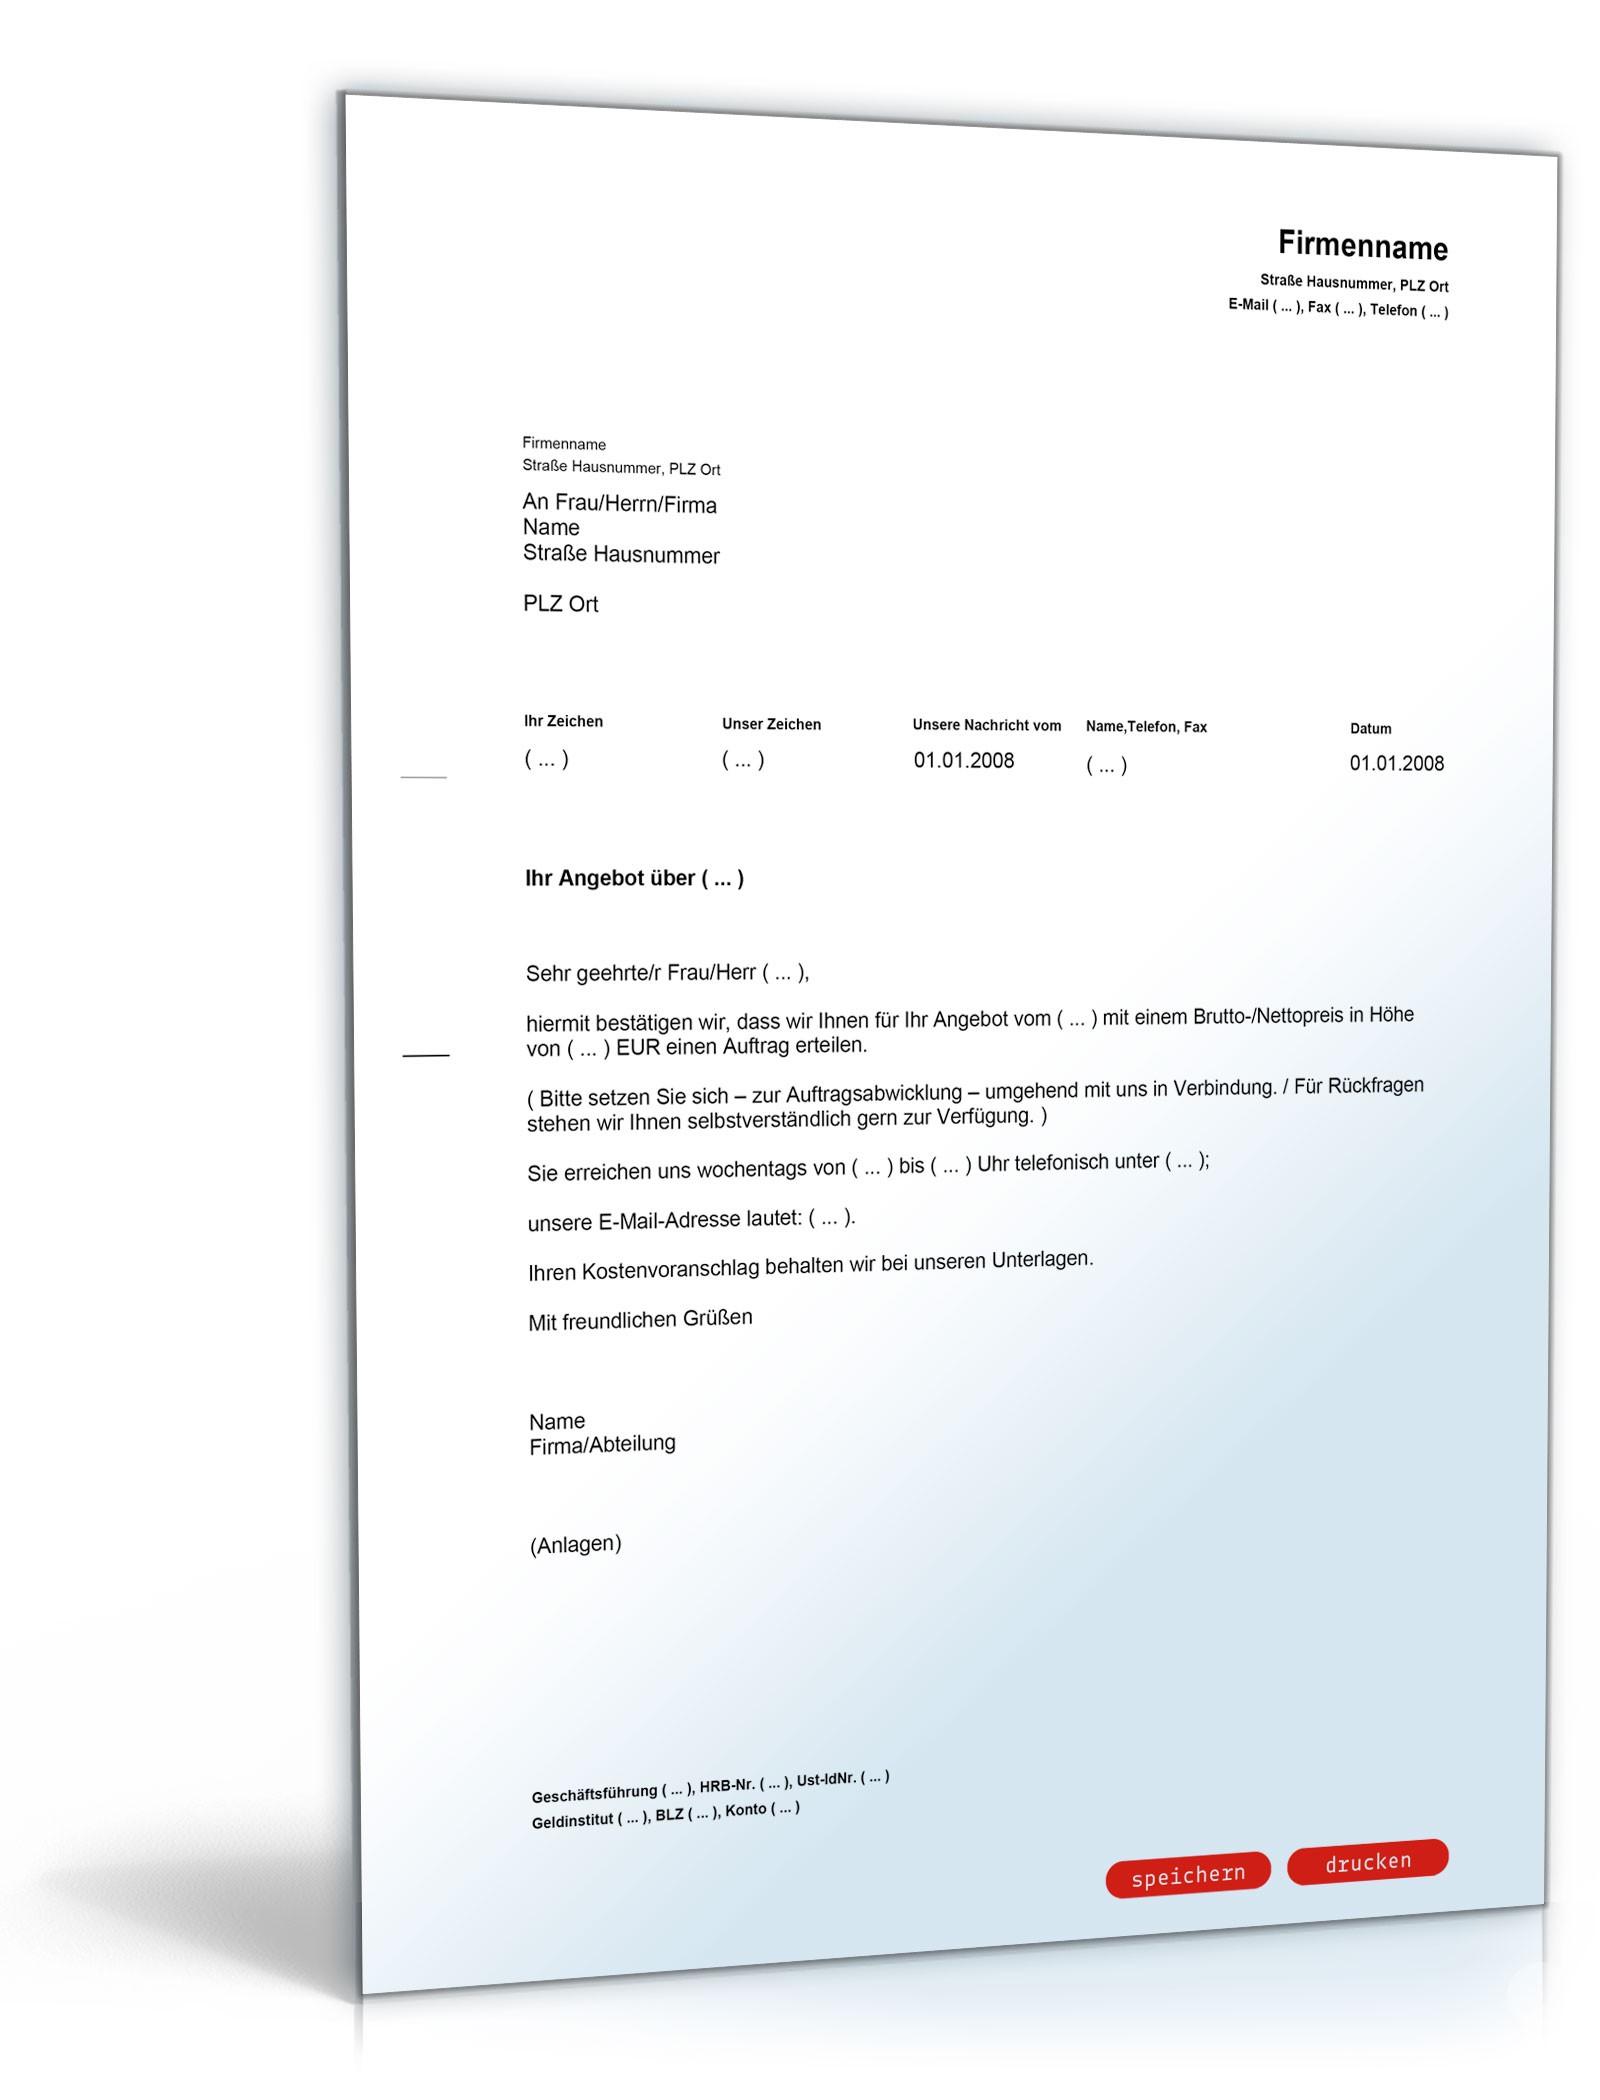 Einstellungszusage Schweizerisch Pdf Download 10